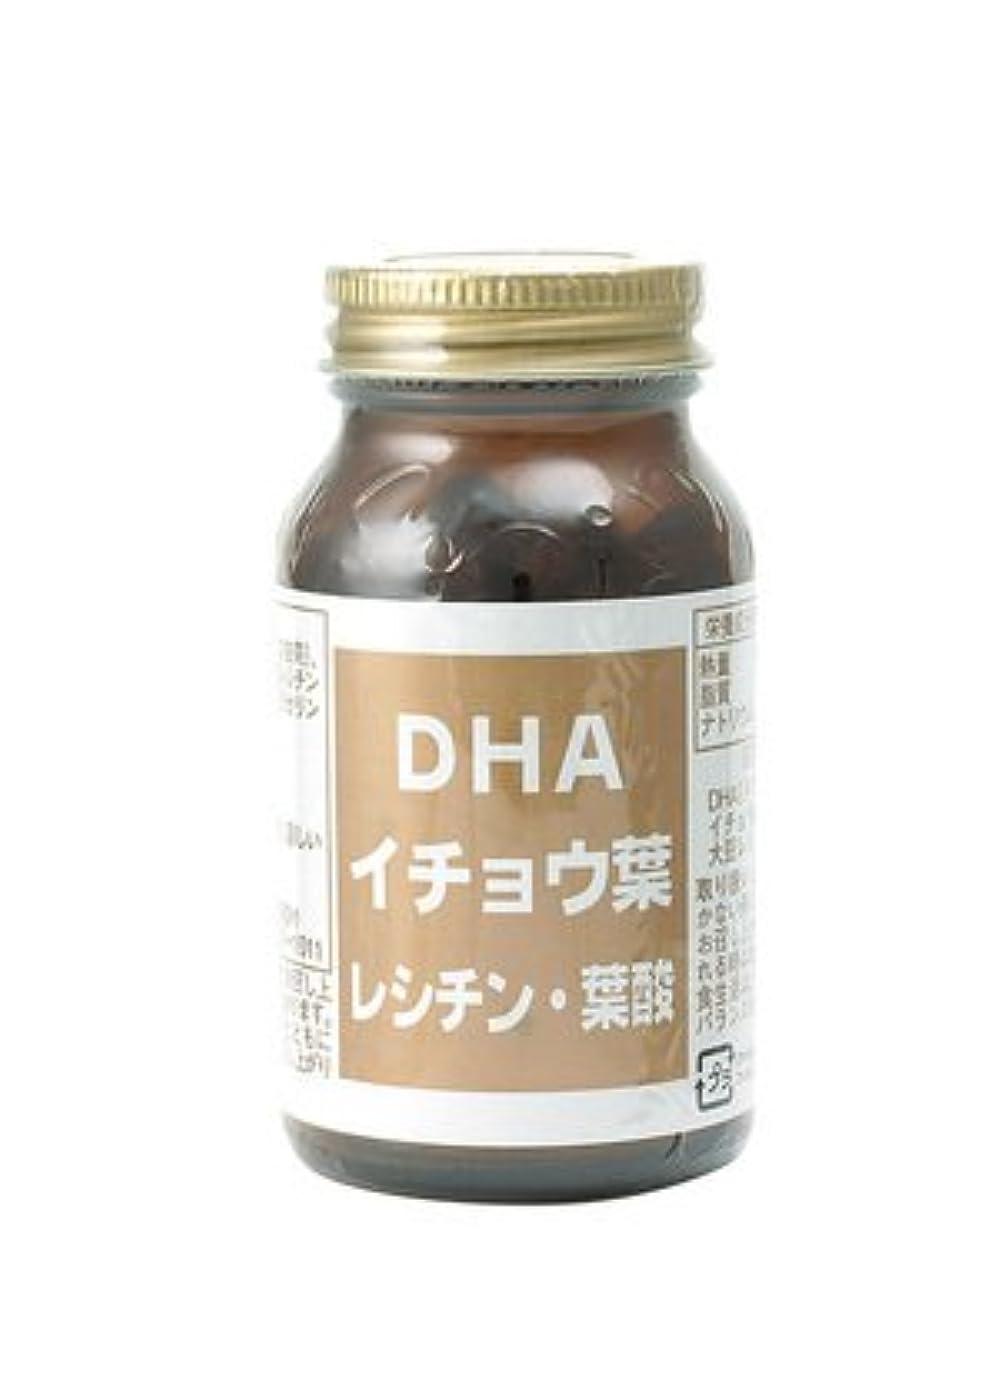 未来アライアンス原告DHA イチョウ葉 大豆レシチン 葉酸 配合 DHA 56.4g